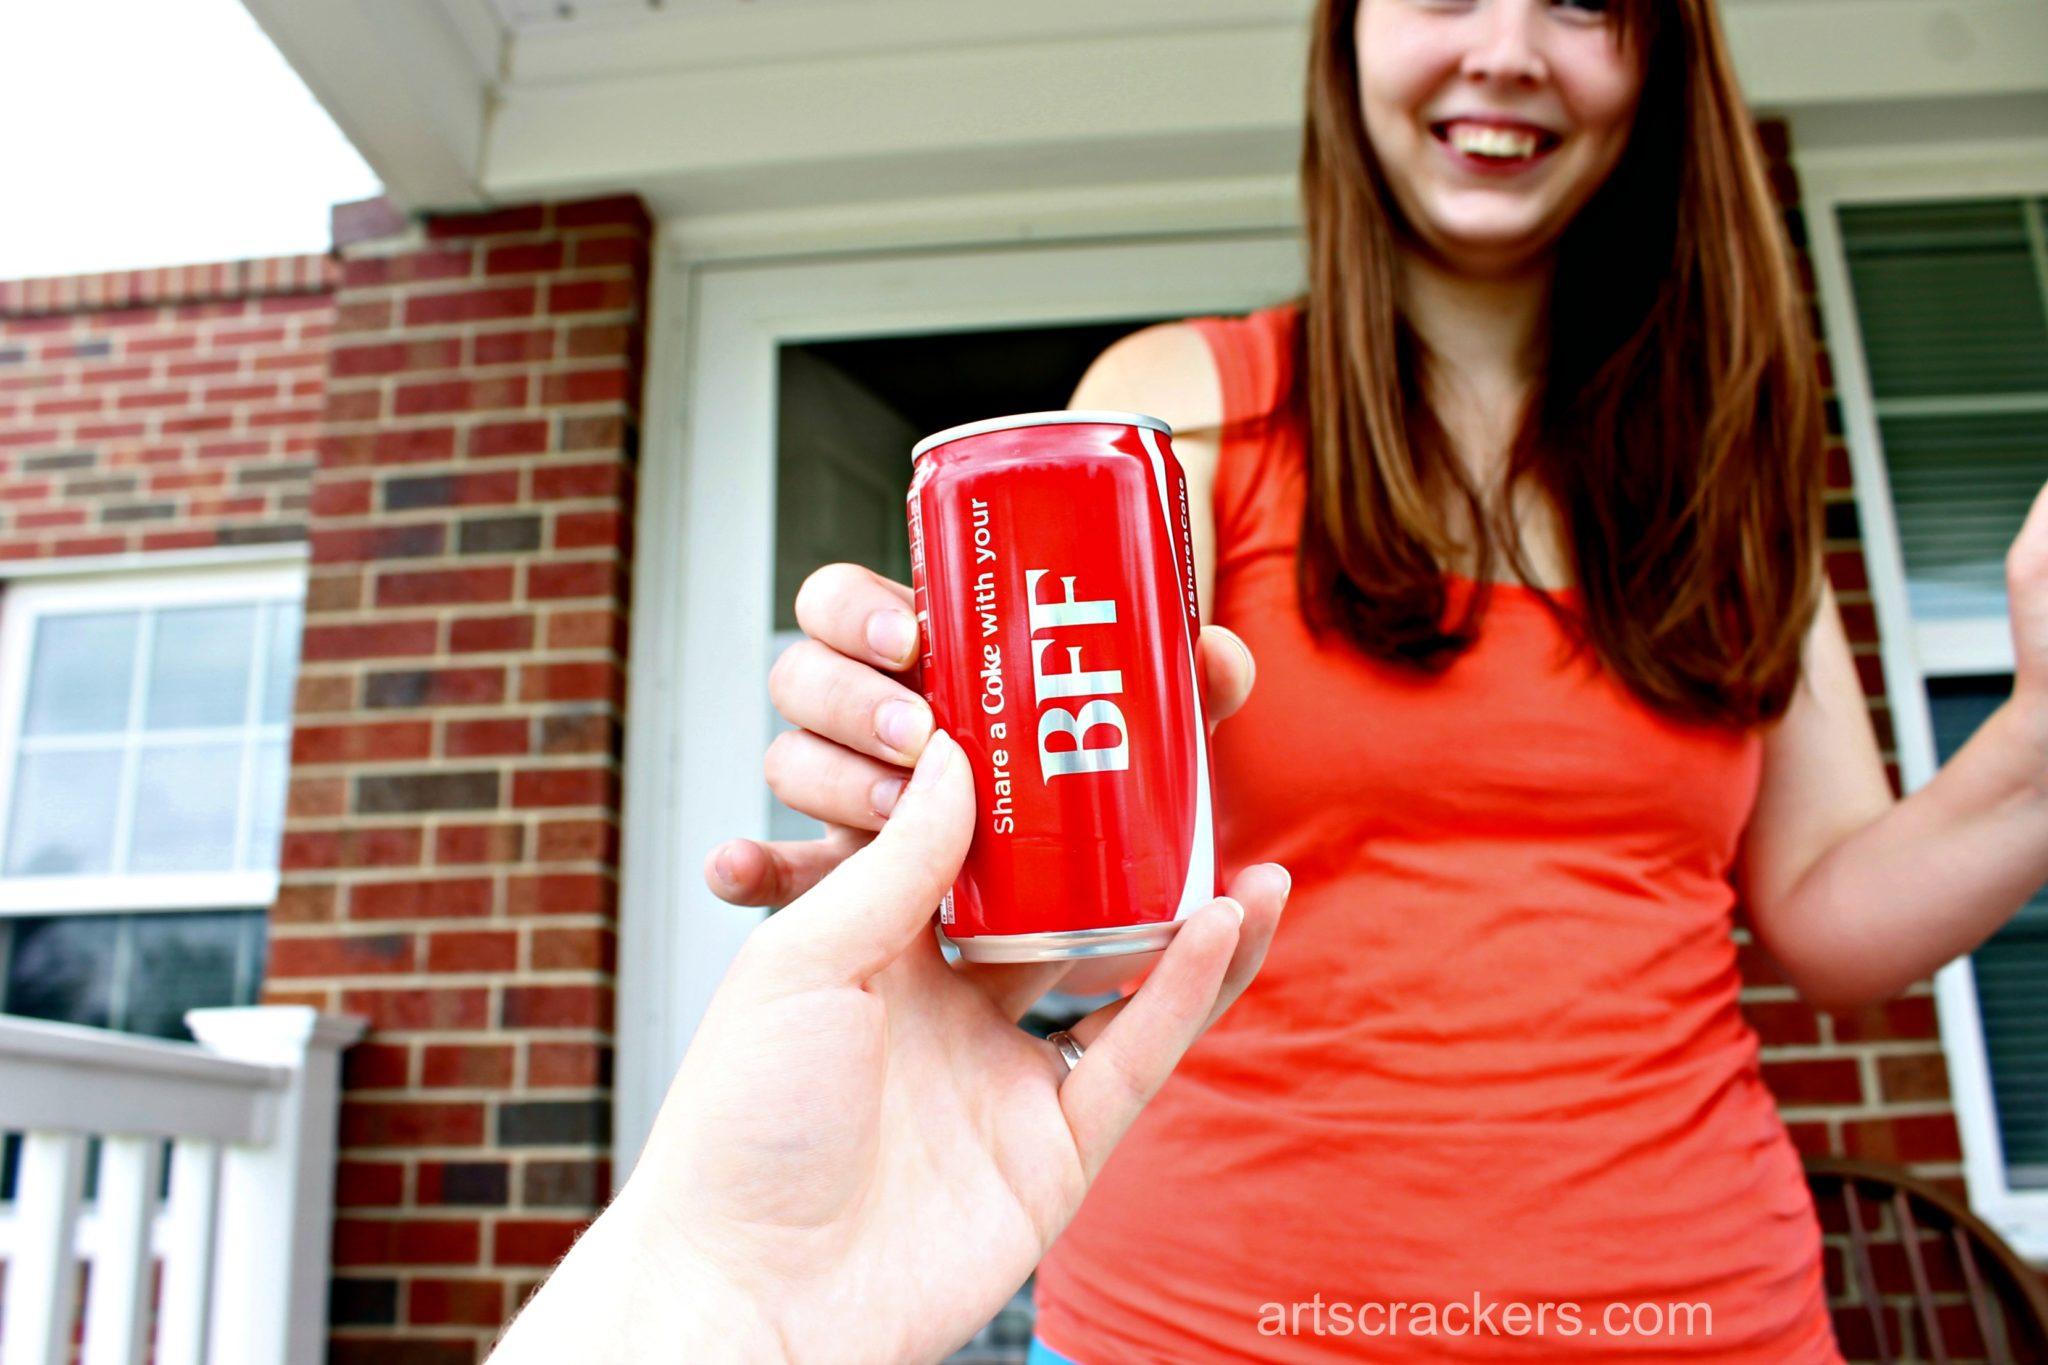 Coca-Cola Personalized Share a Coke